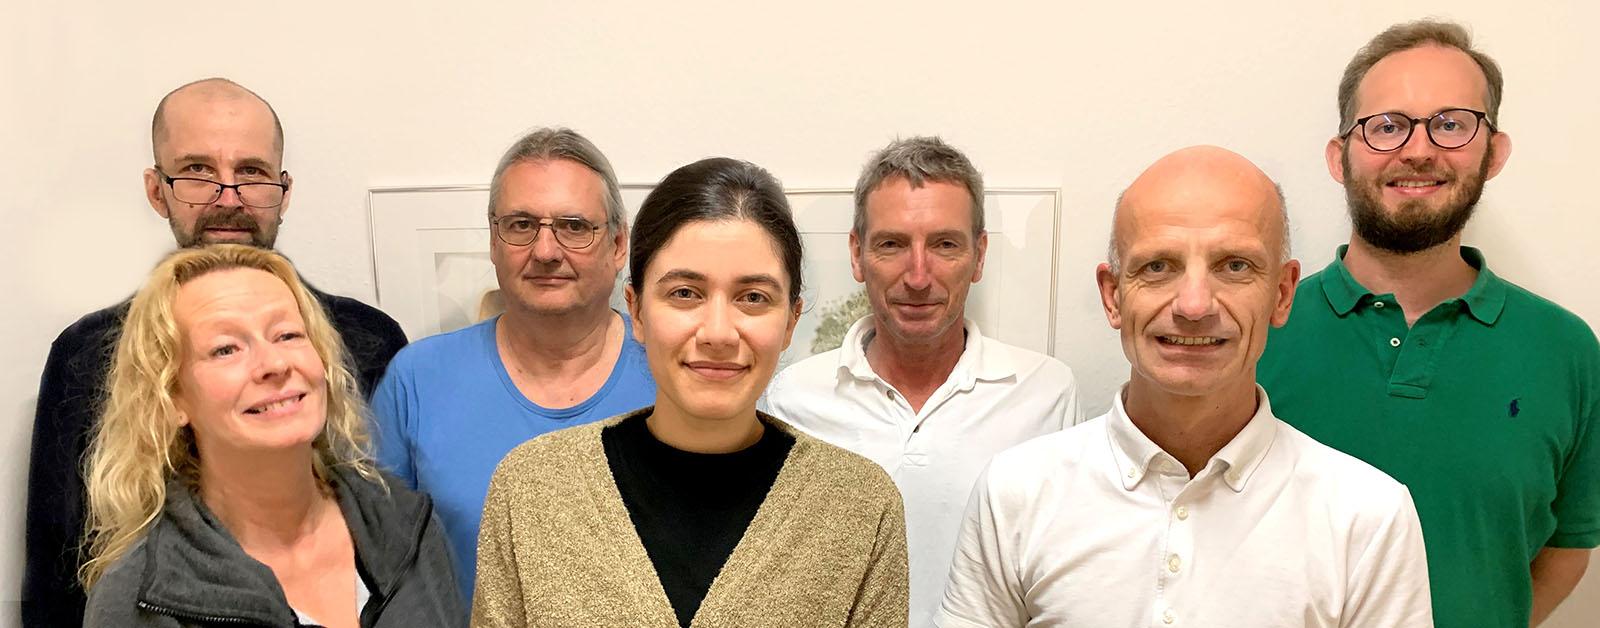 Das Team der Naturheilpraxis Baklayan